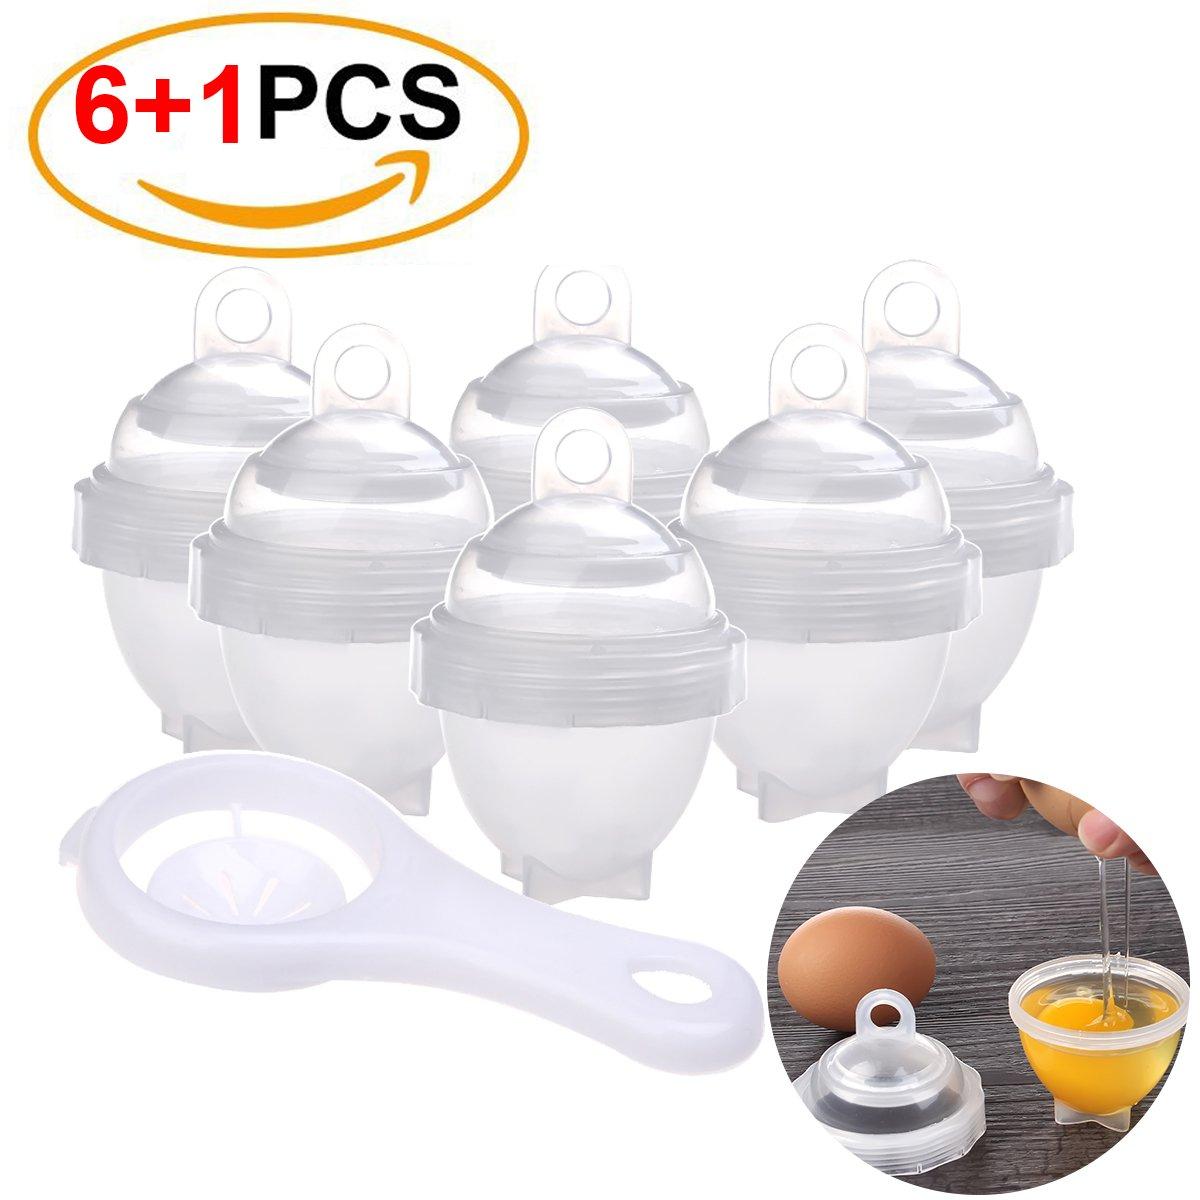 Egg Cooker with Egg Separator,As Seen On TV,Egg Boil,Hard Boiled,BPA-FREE Eggs Cooker Hard & Soft Maker No Shell (6+1 Pack)